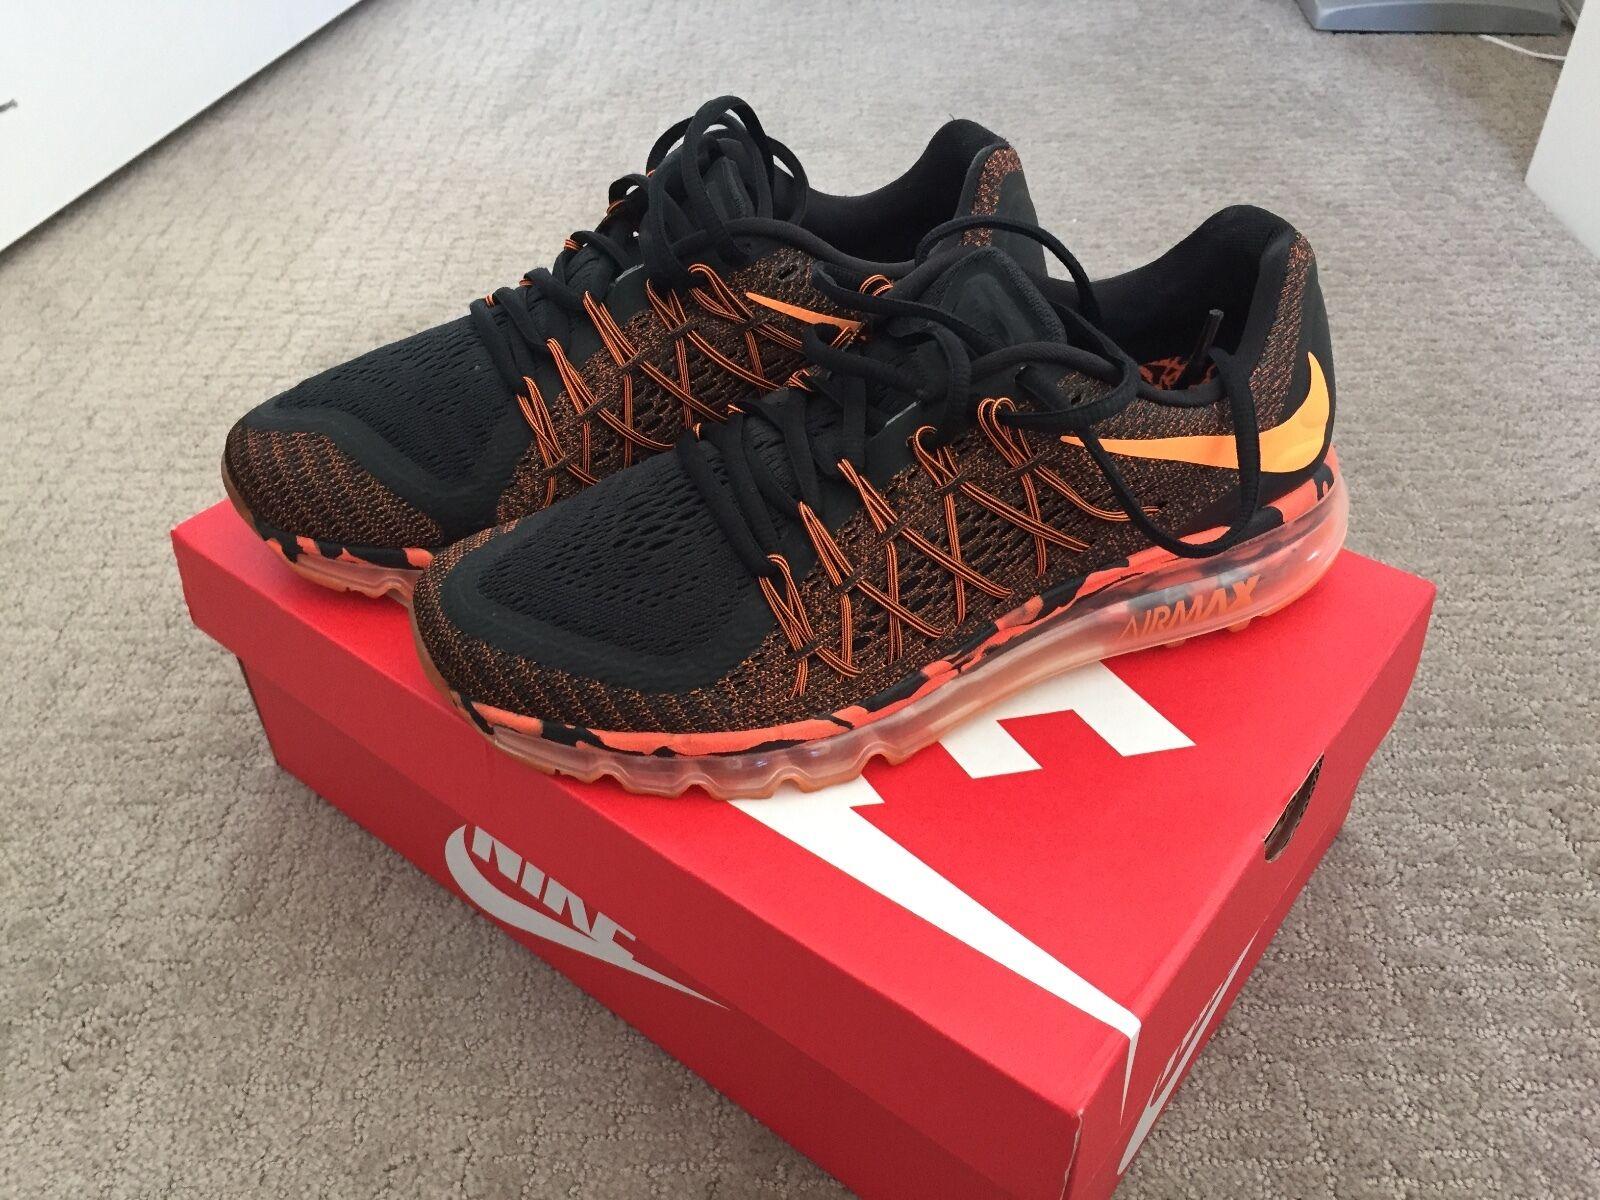 Nike air max, il premio scarpa dimensioni di colore arancione 749373-008 totale Uomo